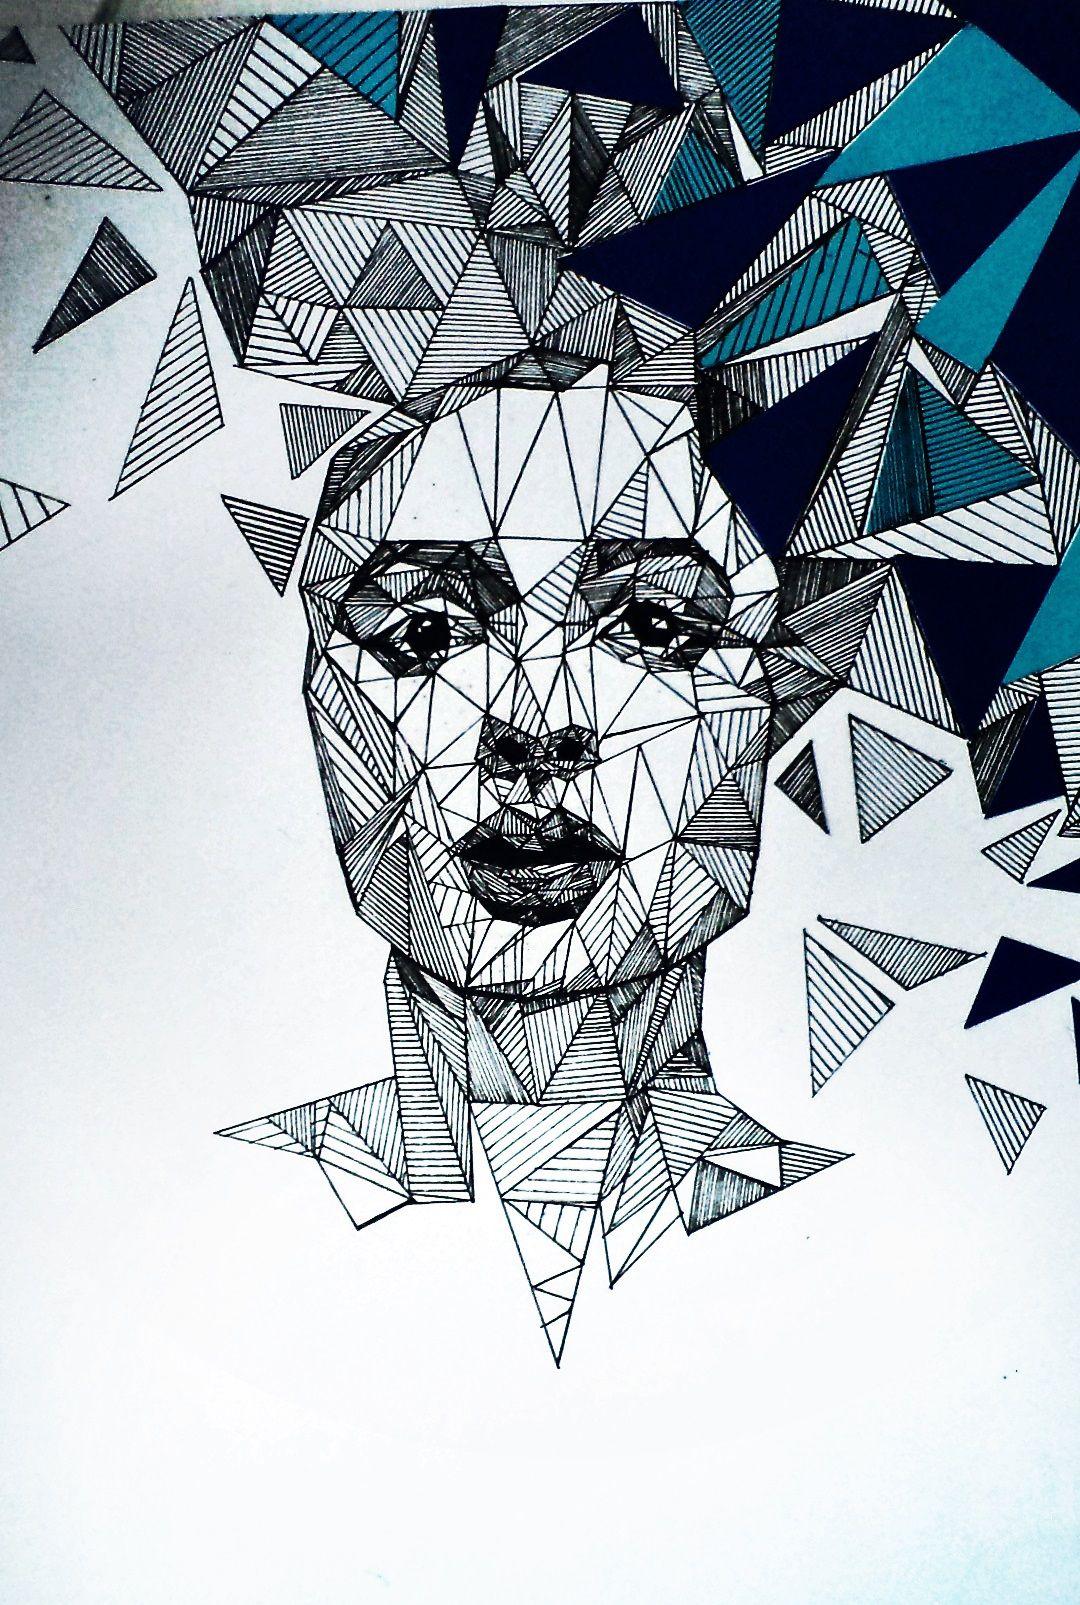 Картинки графика геометрическая